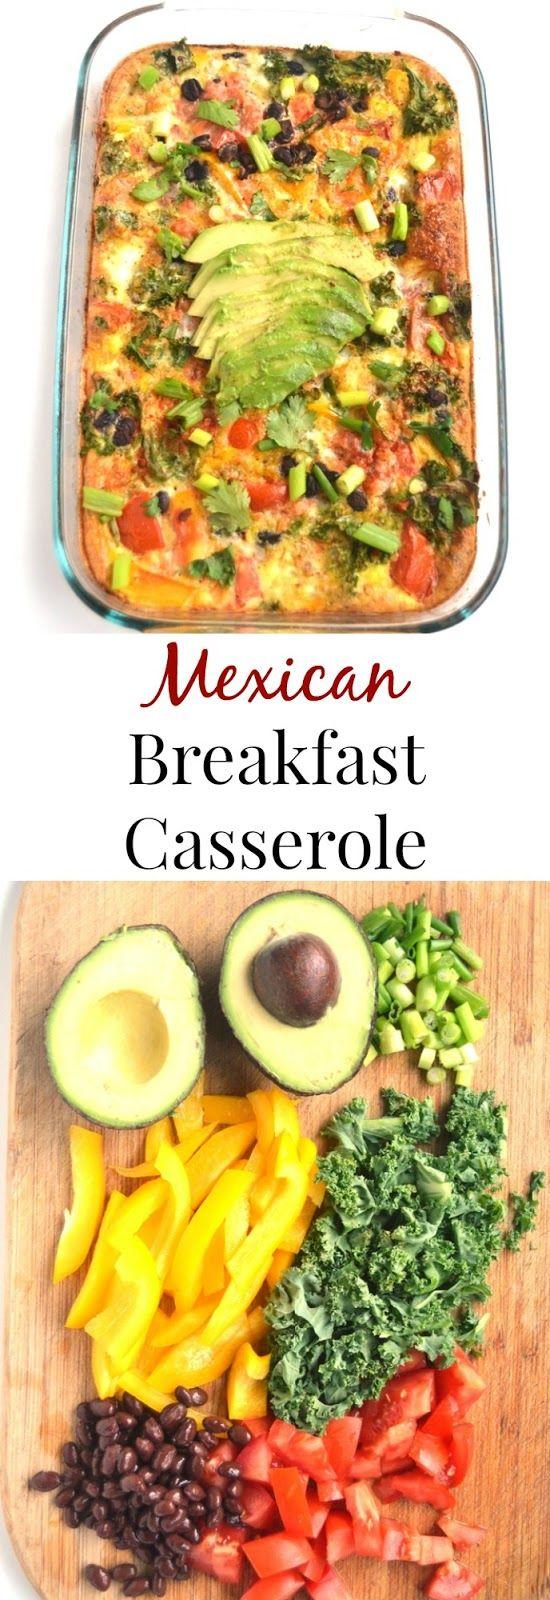 Mexican Breakfast Casserole Mexican Breakfast Casserole Breakfast Recipes Casserole Best Breakfast Casserole